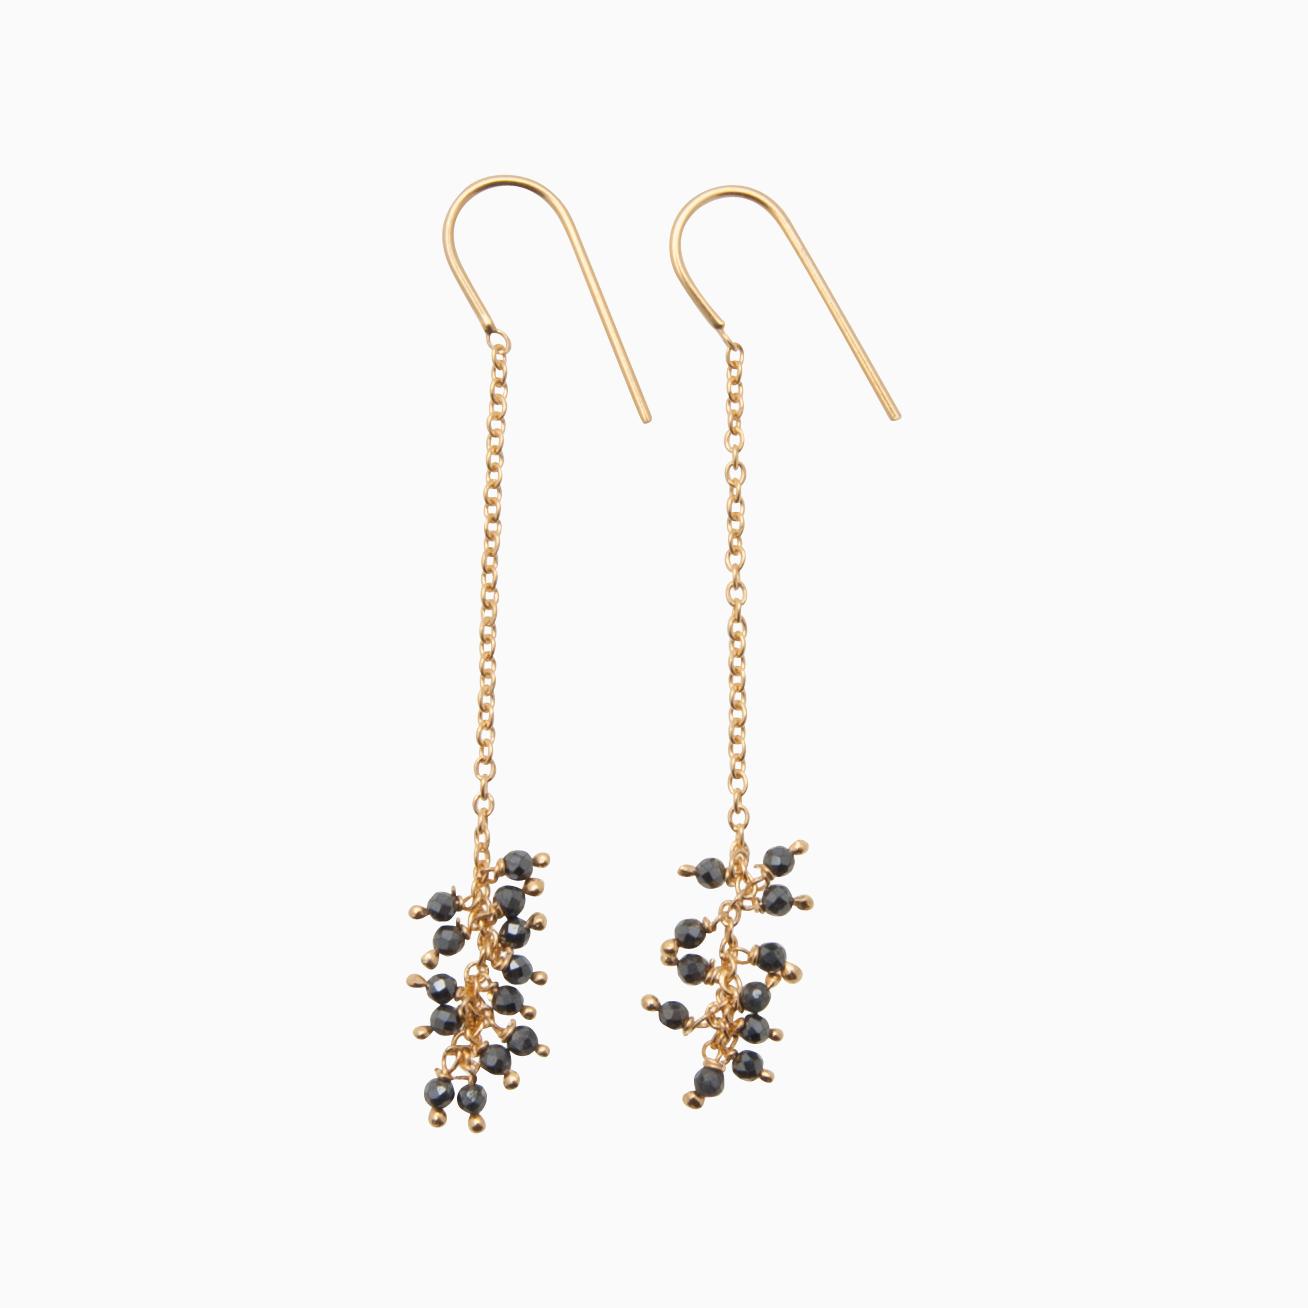 Øreringe med guldkæde og perler, grå | no. 775